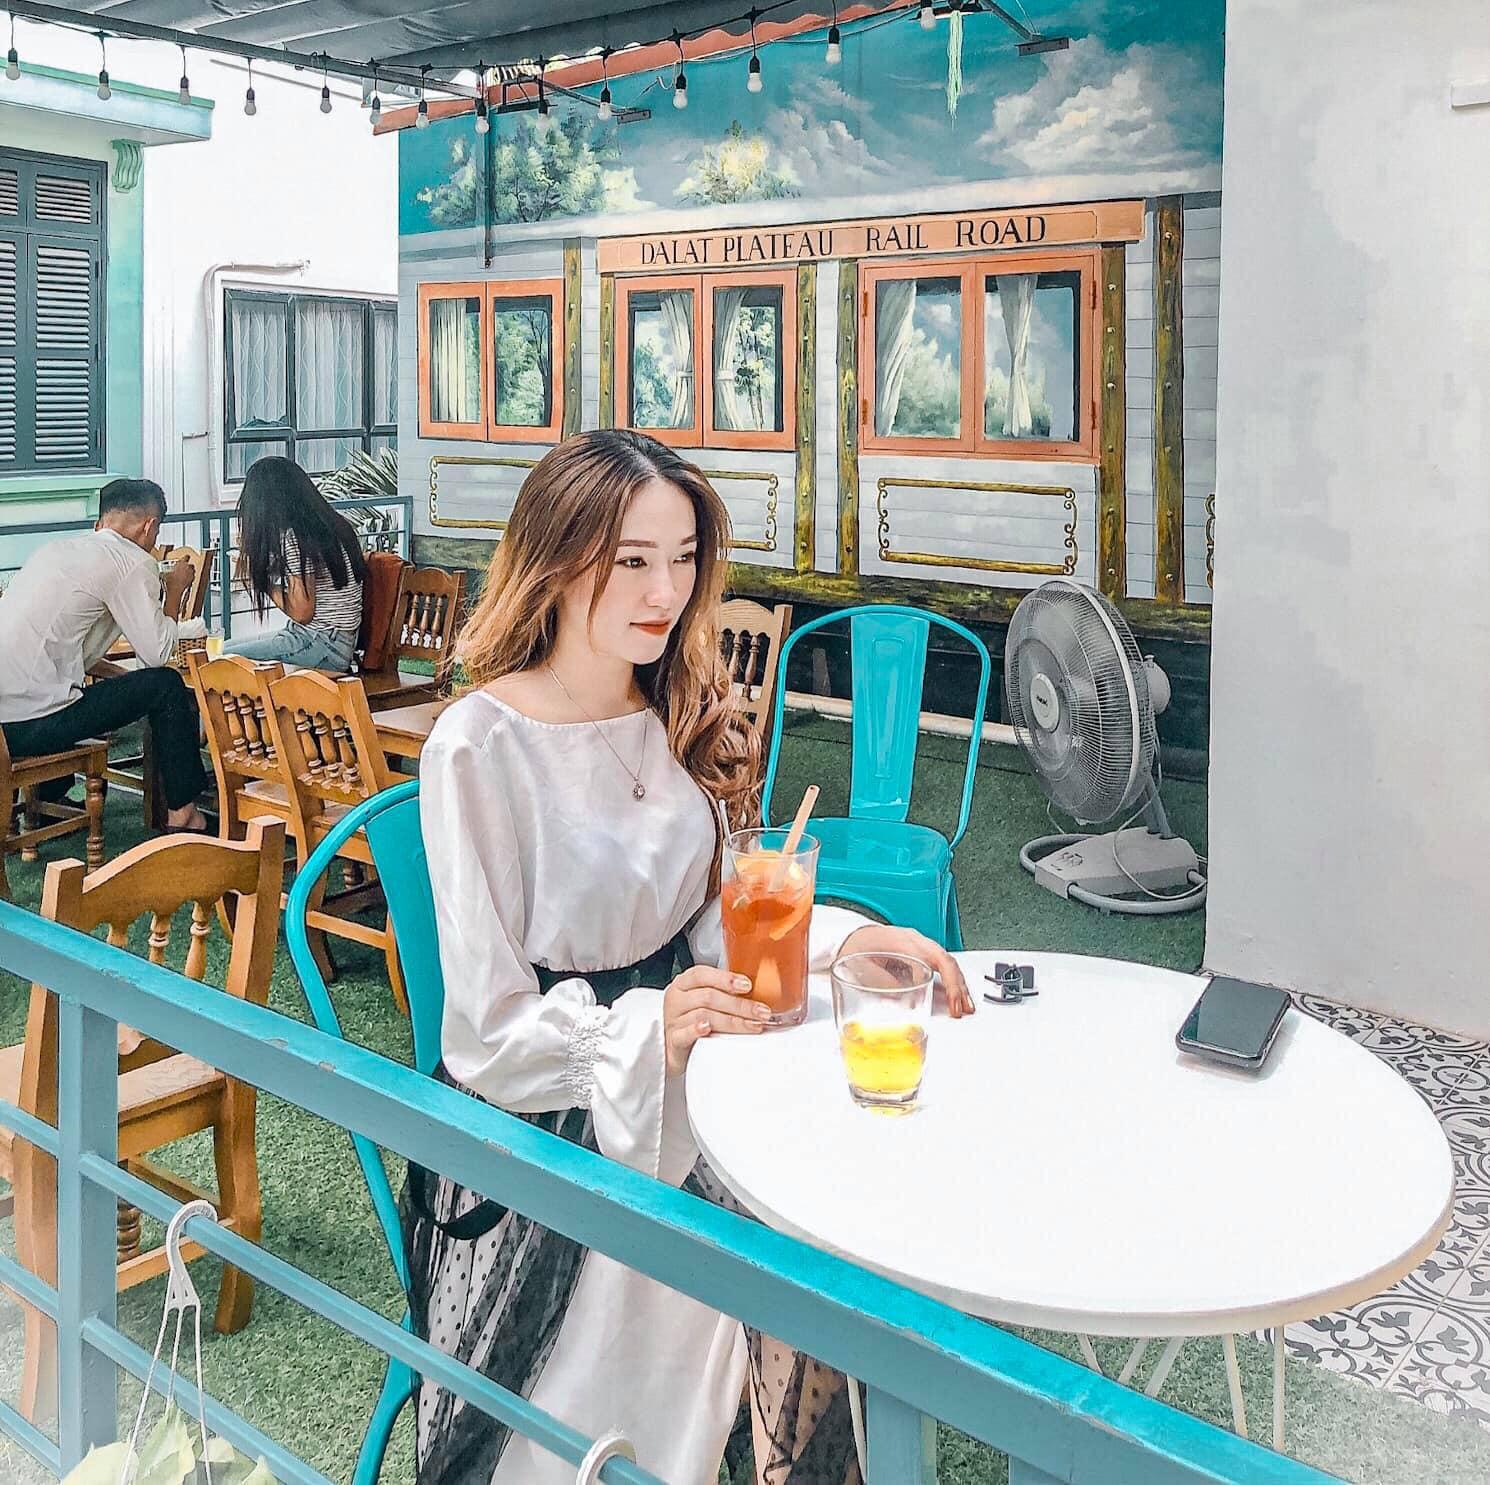 Timeline Coffee quận Cầu Giấy, Đà Lạt thu nhỏ giữa lòng Hà Nội